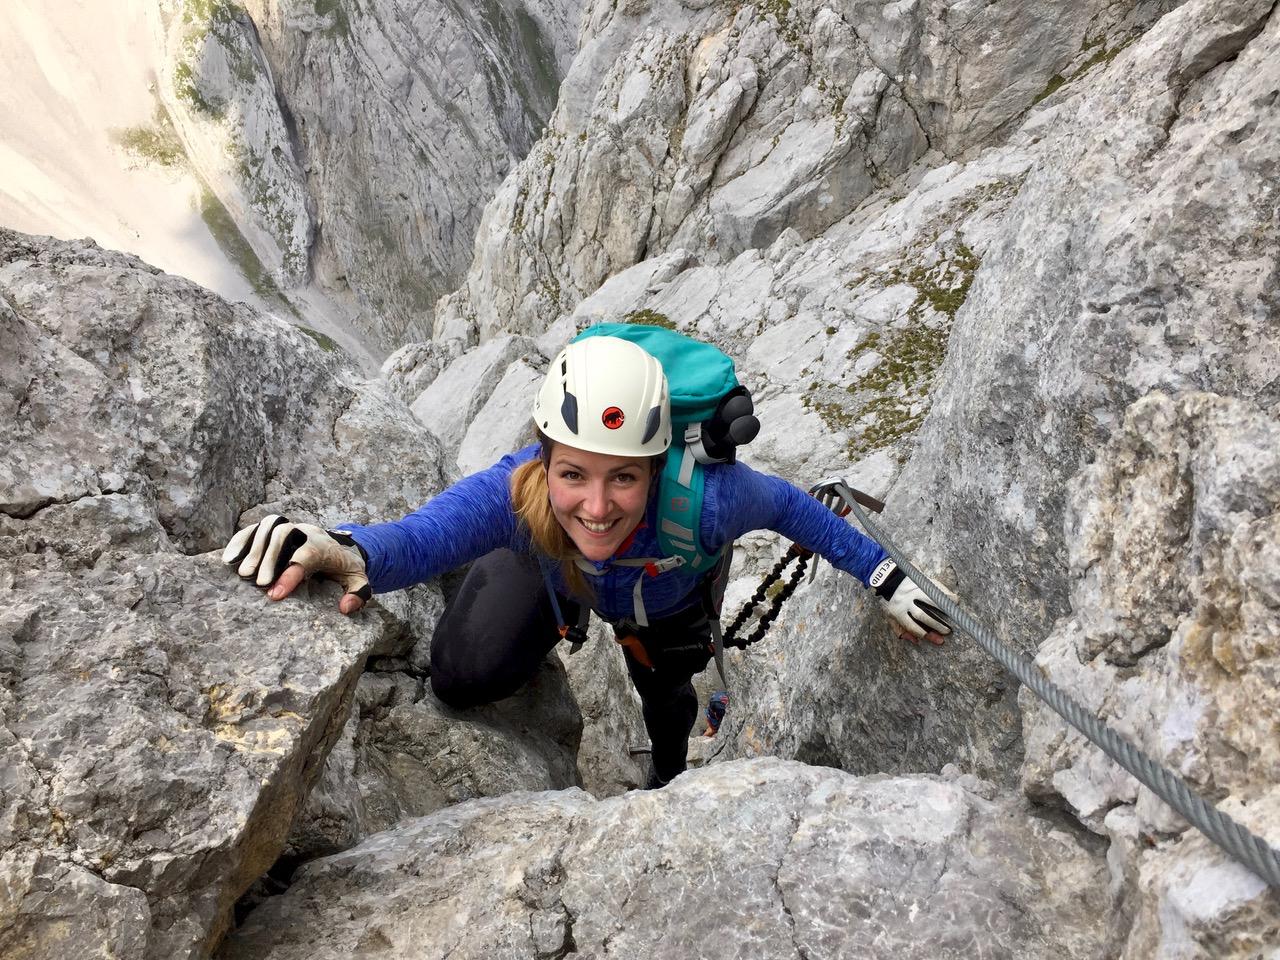 Munich Mountain Girl Celine beim Klettersteig gehen